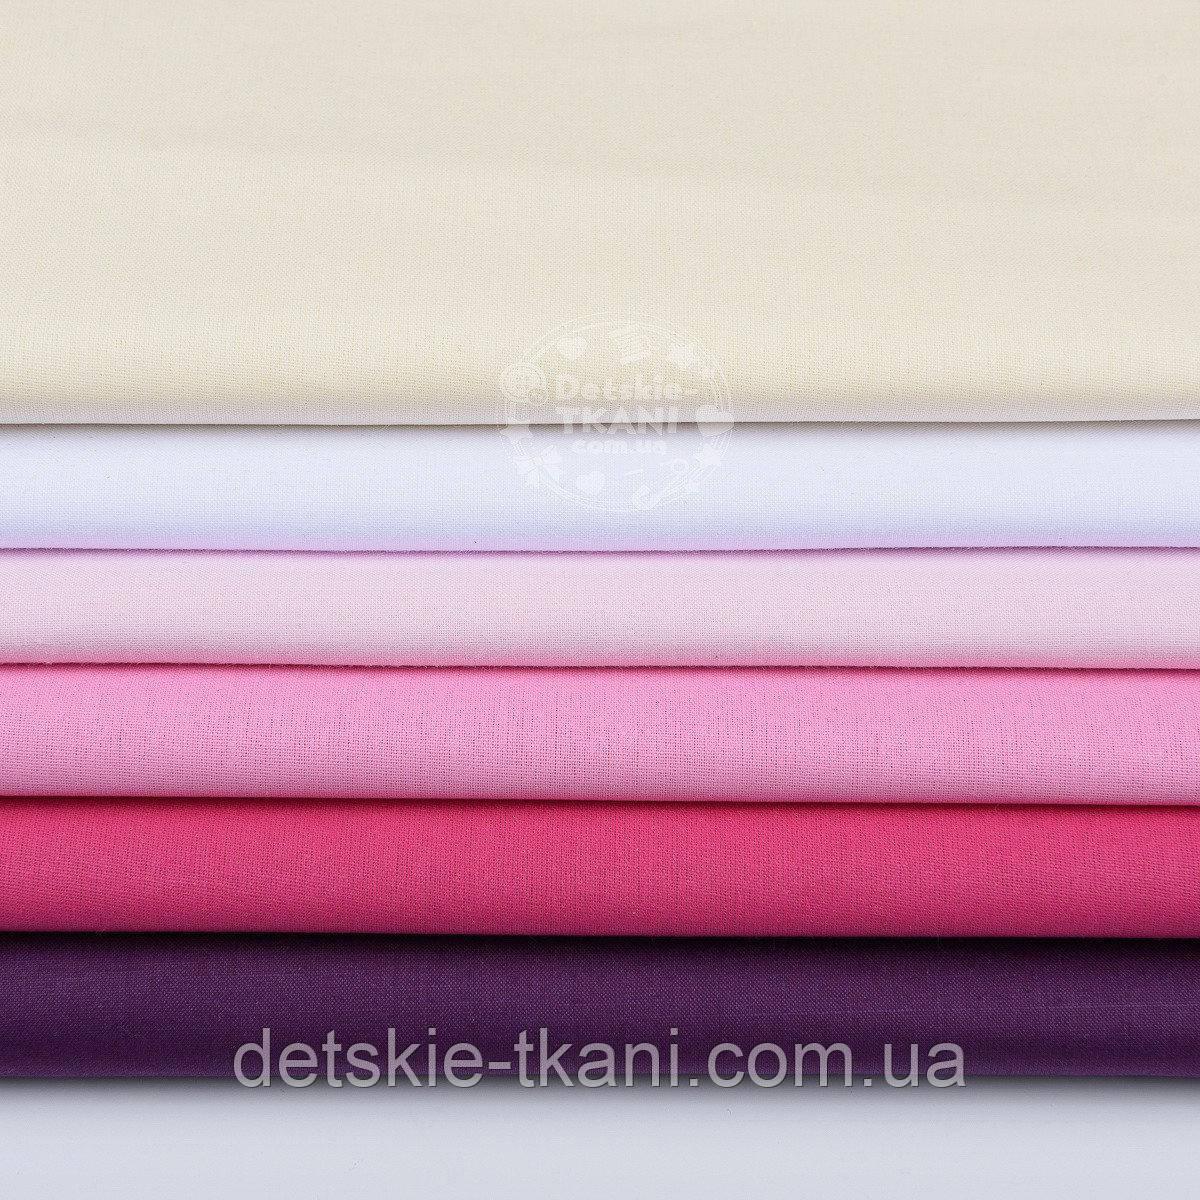 Набор однотонных тканей 50*50 из 6 штук фиолетово-розового цвета